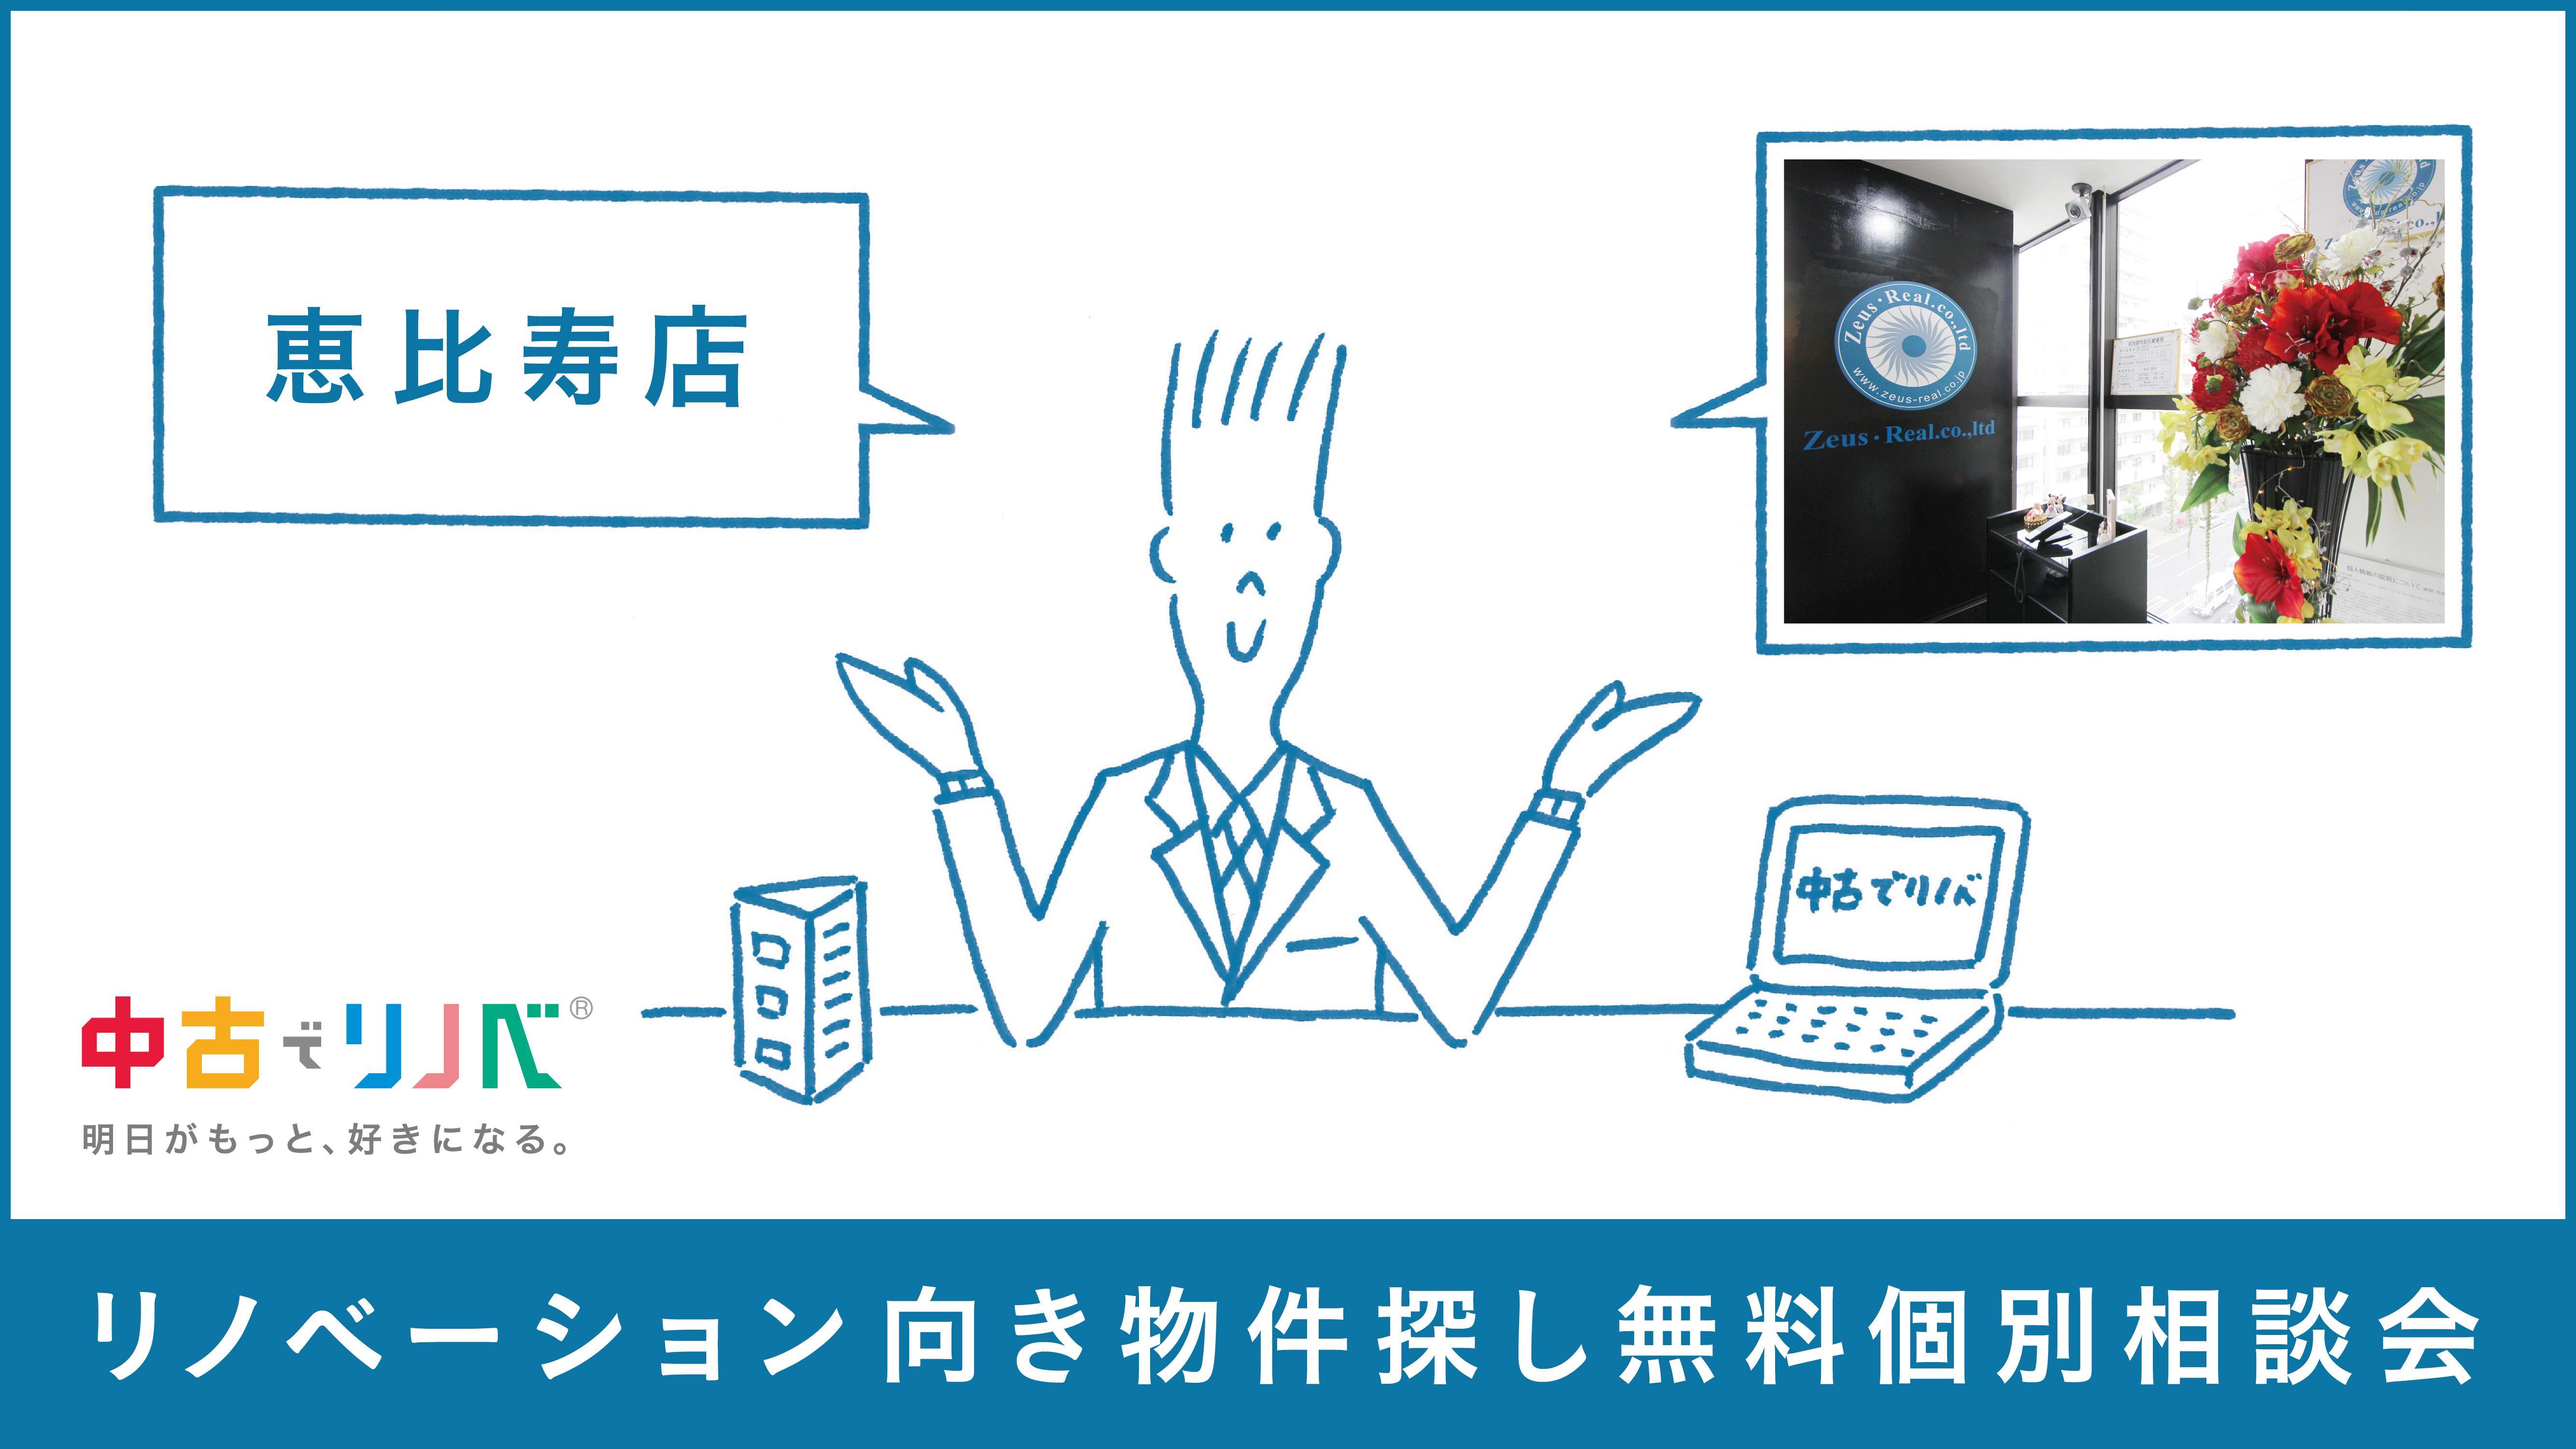 【10/7(土)8(日)   in恵比寿】リノベーション向き物件探し無料個別相談会